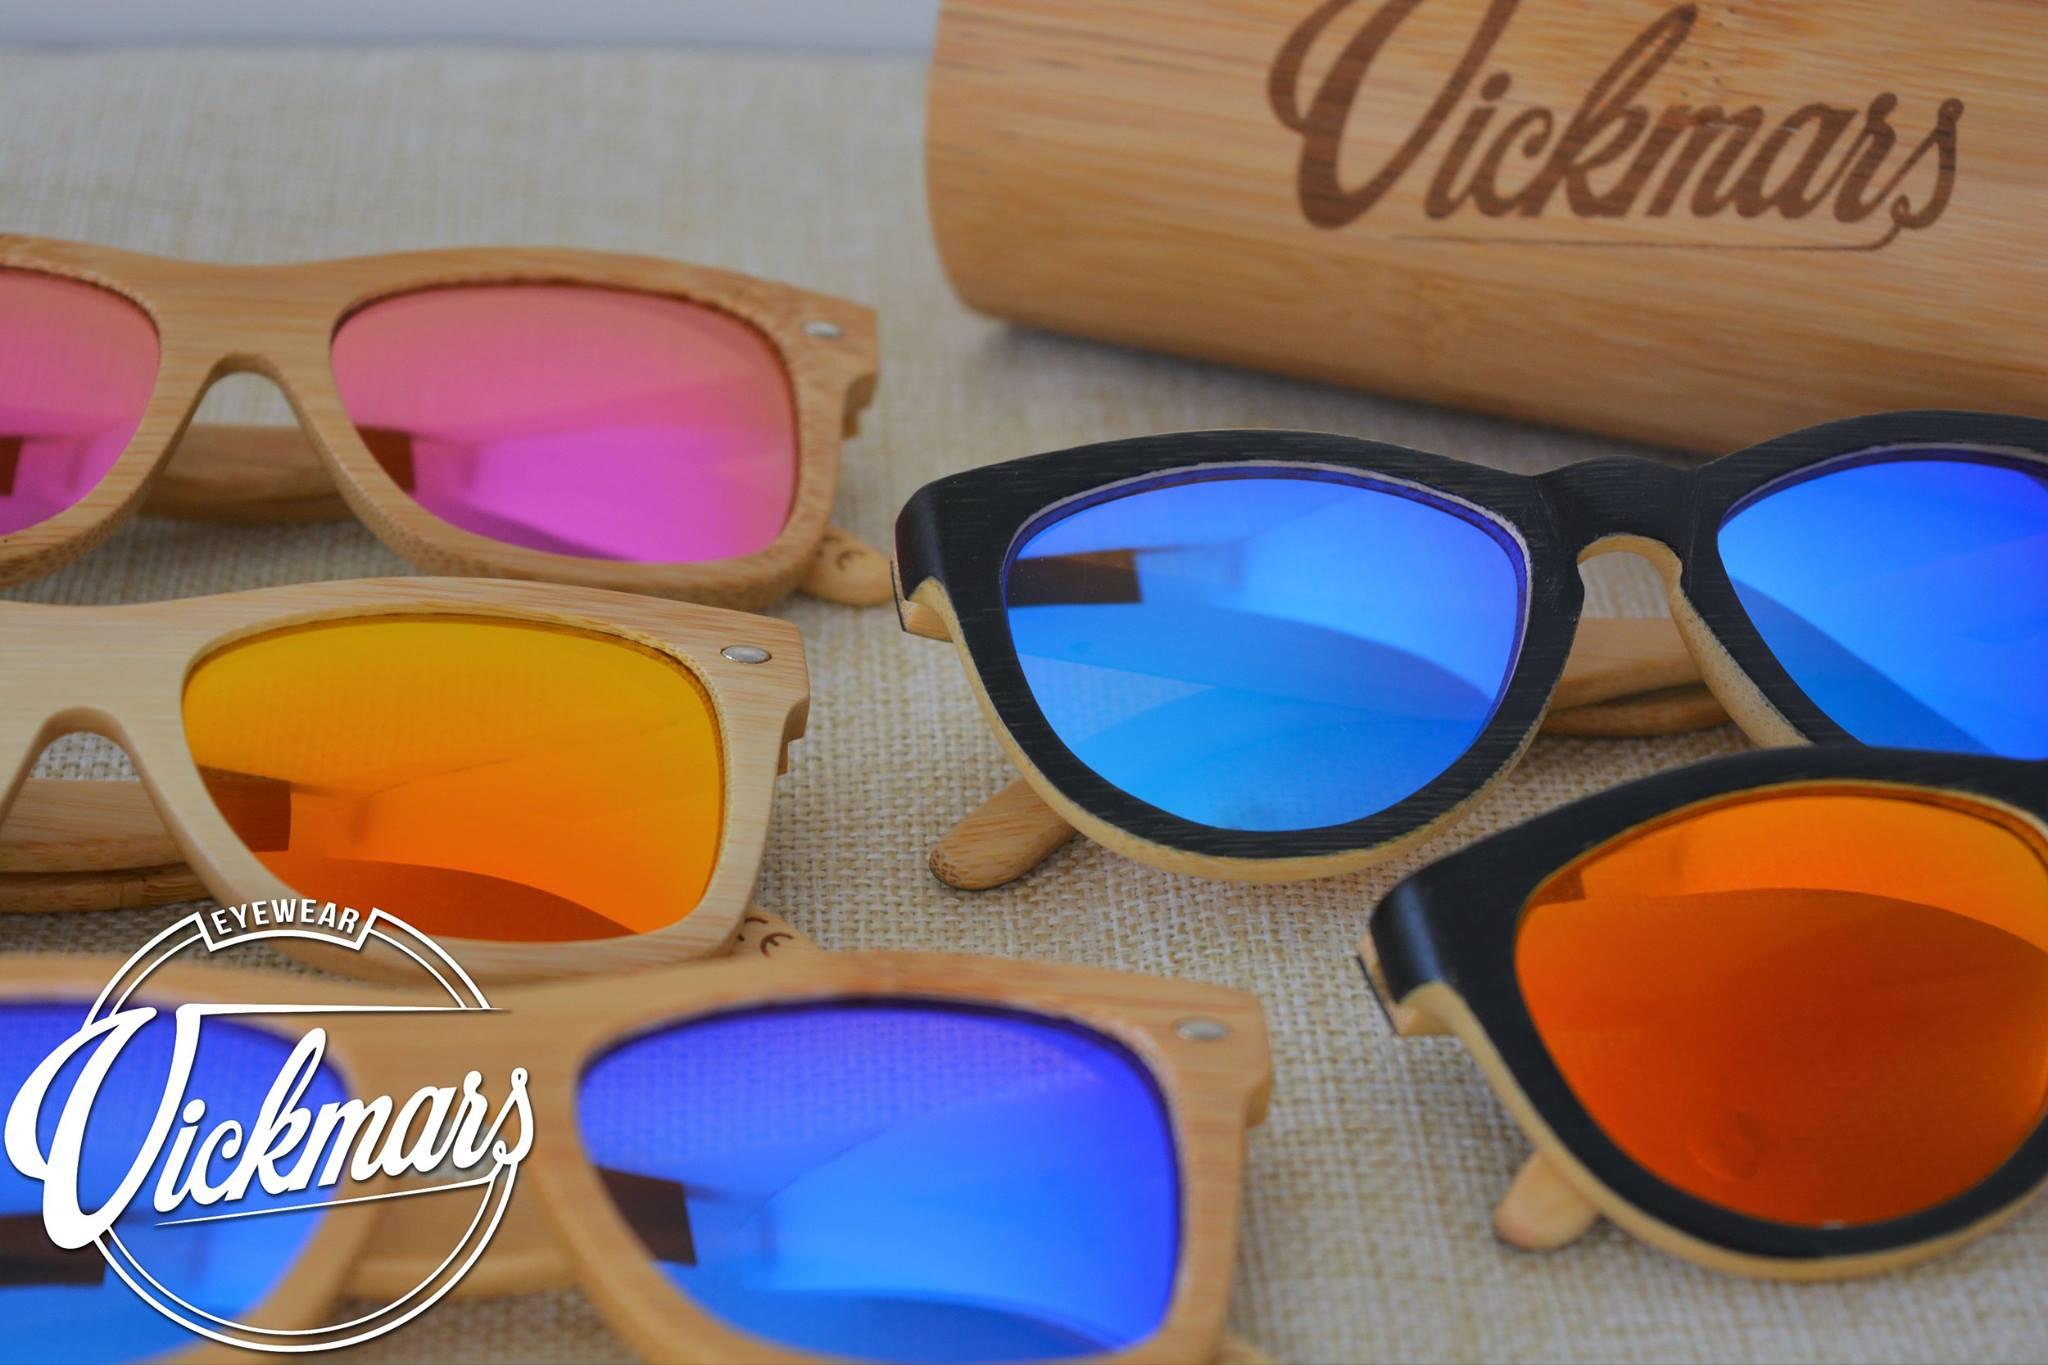 70d0675b75 Y es que tanto nos ha gustado la estética y calidad de estas gafas de madera  que, a partir de ahora, Vickmars va a ser partner y ...